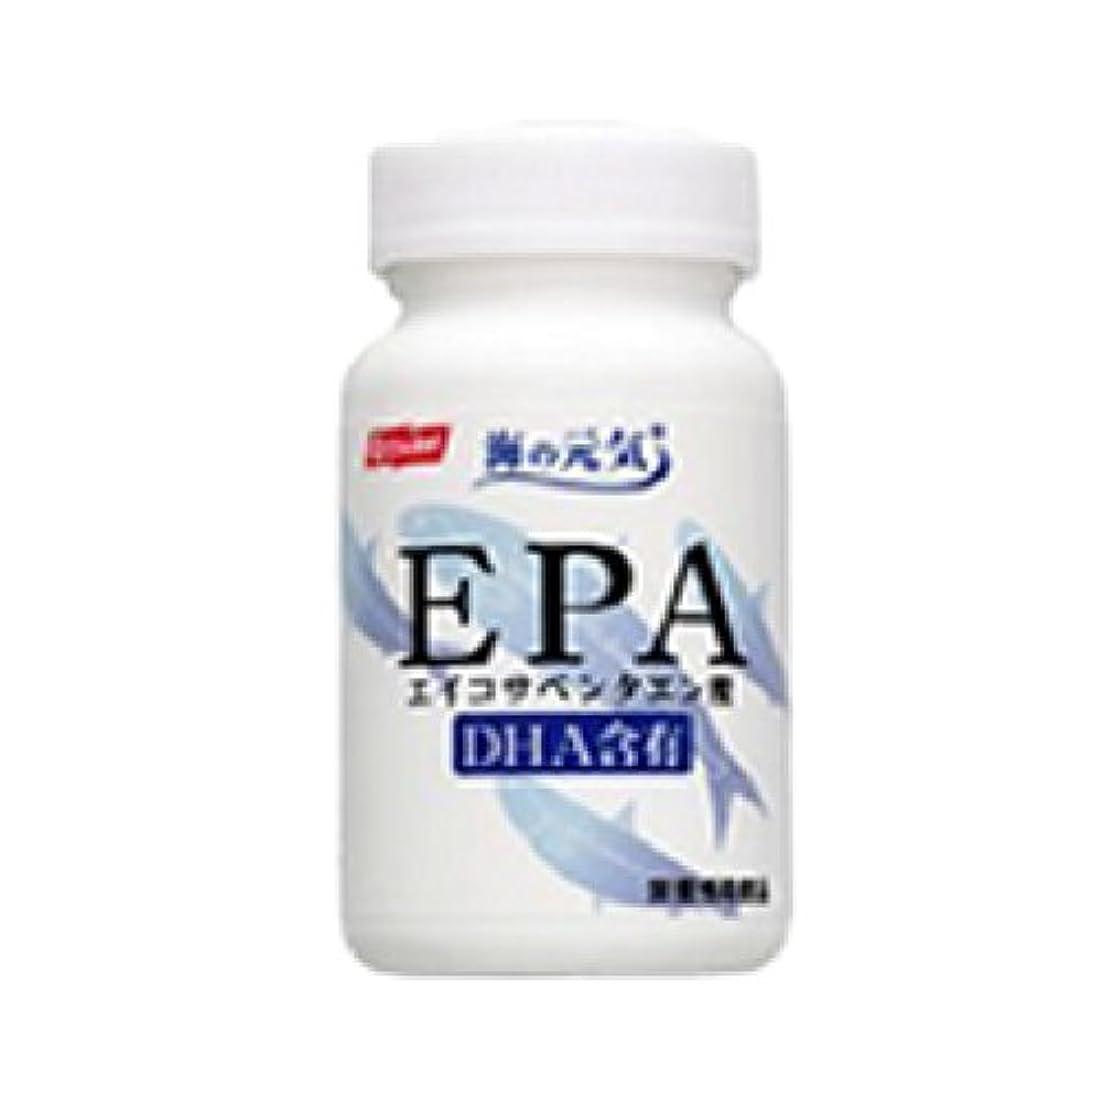 受け入れる変数証明海の元気 EPA 120粒入(お試しセット)